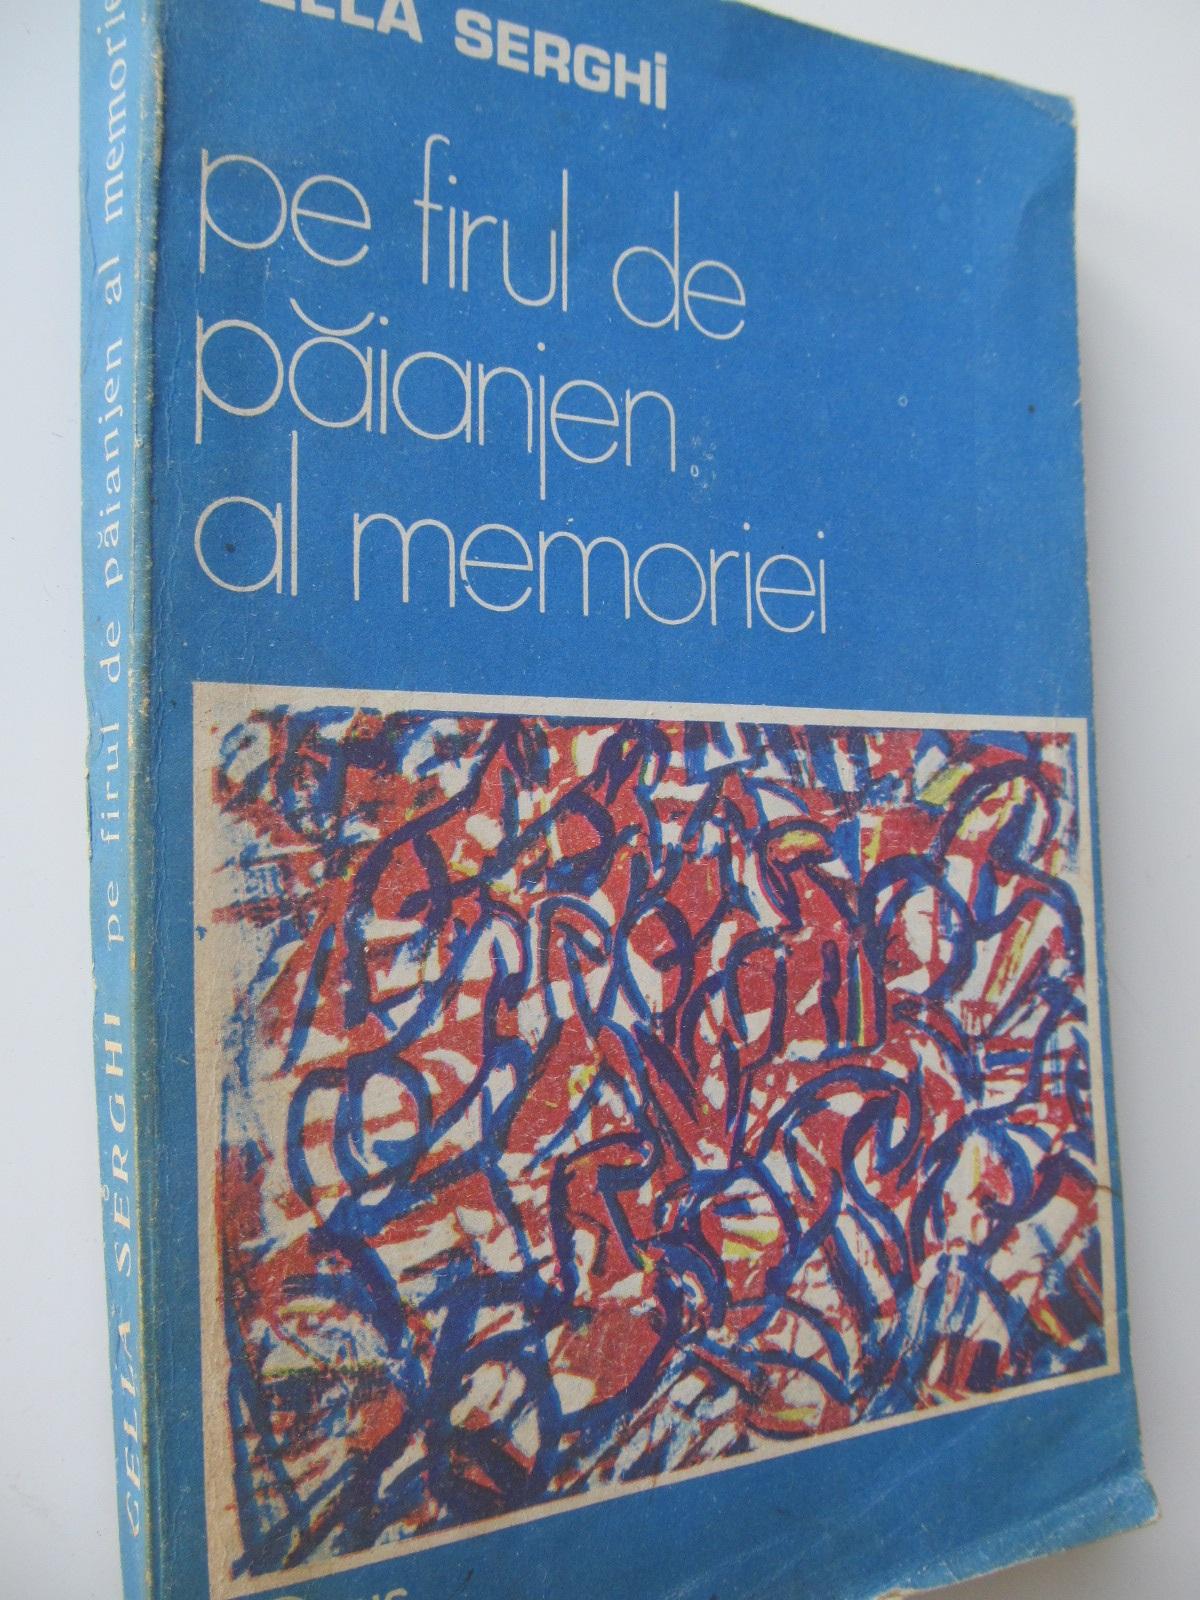 Pe firul de paianjen al memoriei - Cella Serghi | Detalii carte